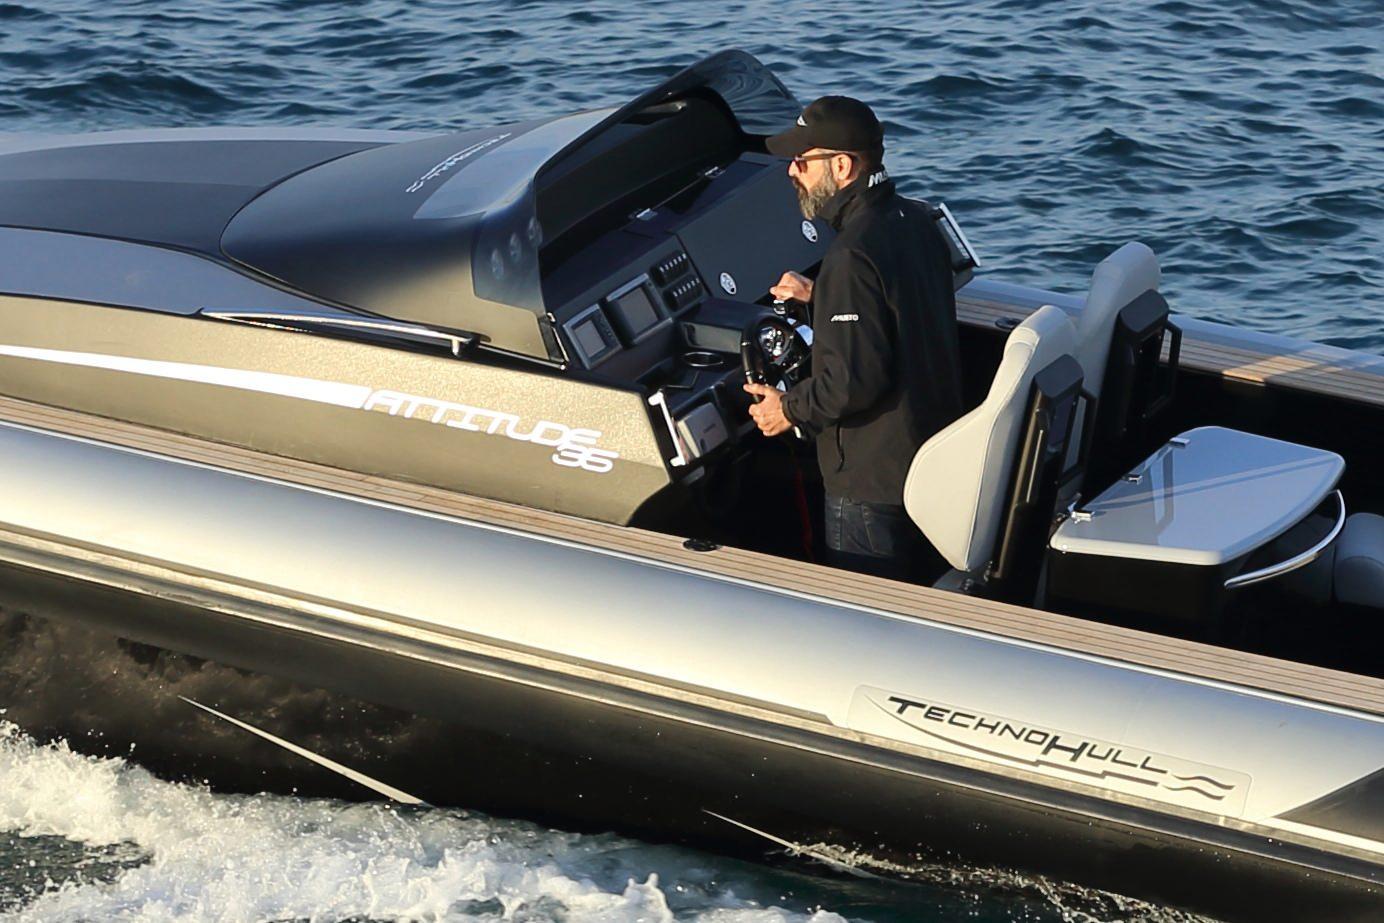 סירה חצי קשיחה TECHNOHULL ATTITUDE 35 -סטרים יאכטות - TECHNOHULL ATTITUDE 35 - Stream Yachts